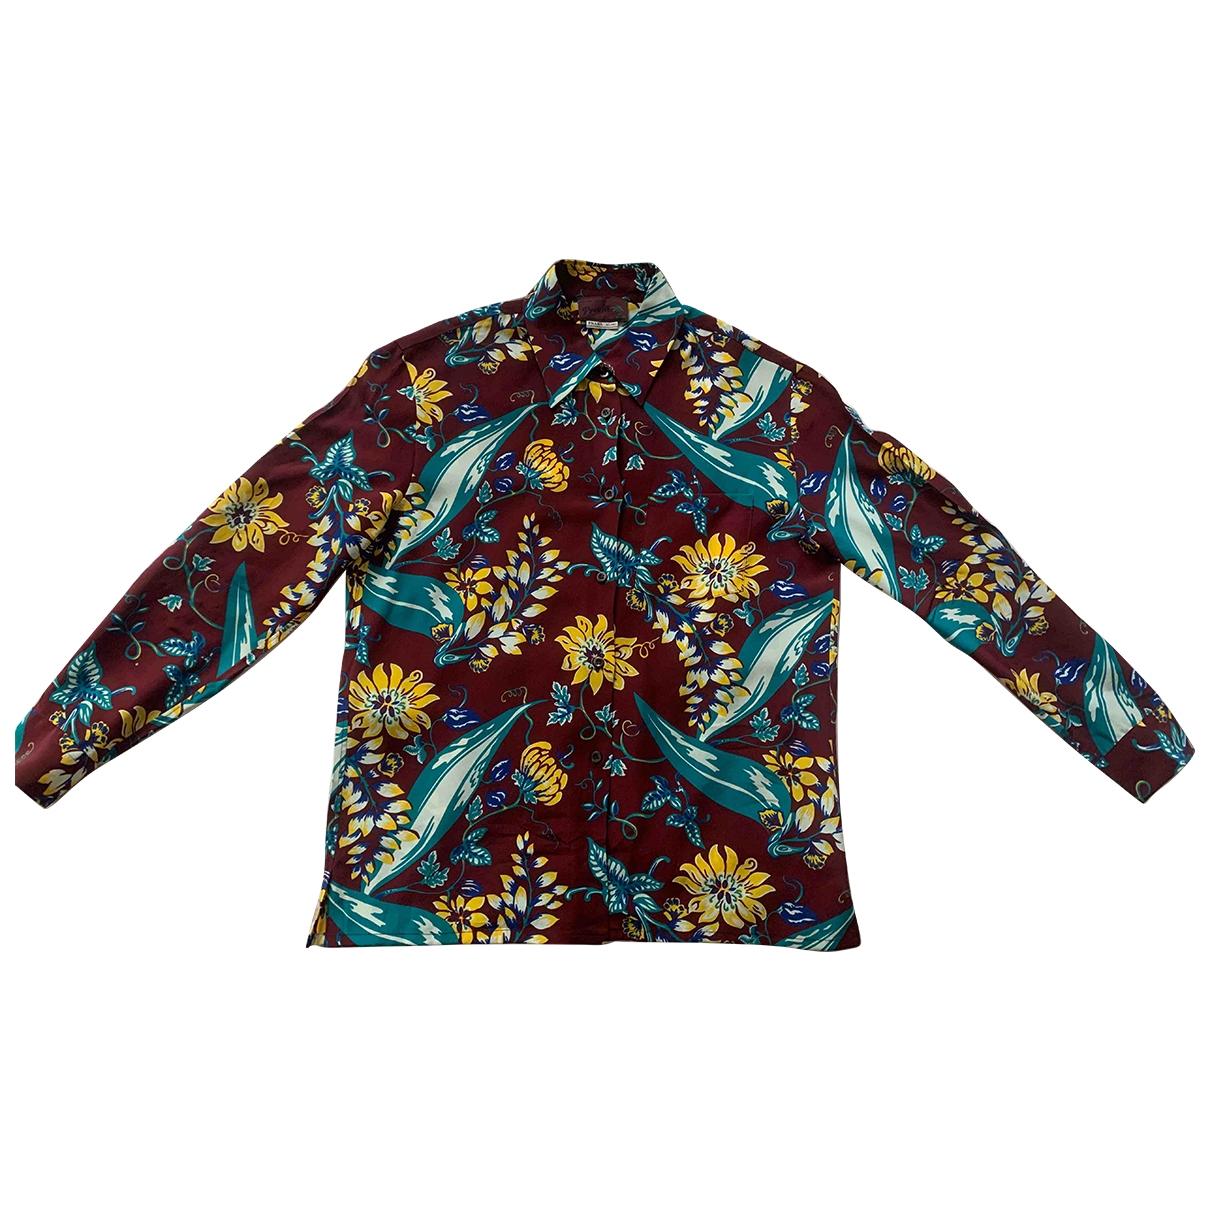 Prada - Chemises   pour homme en soie - bordeaux